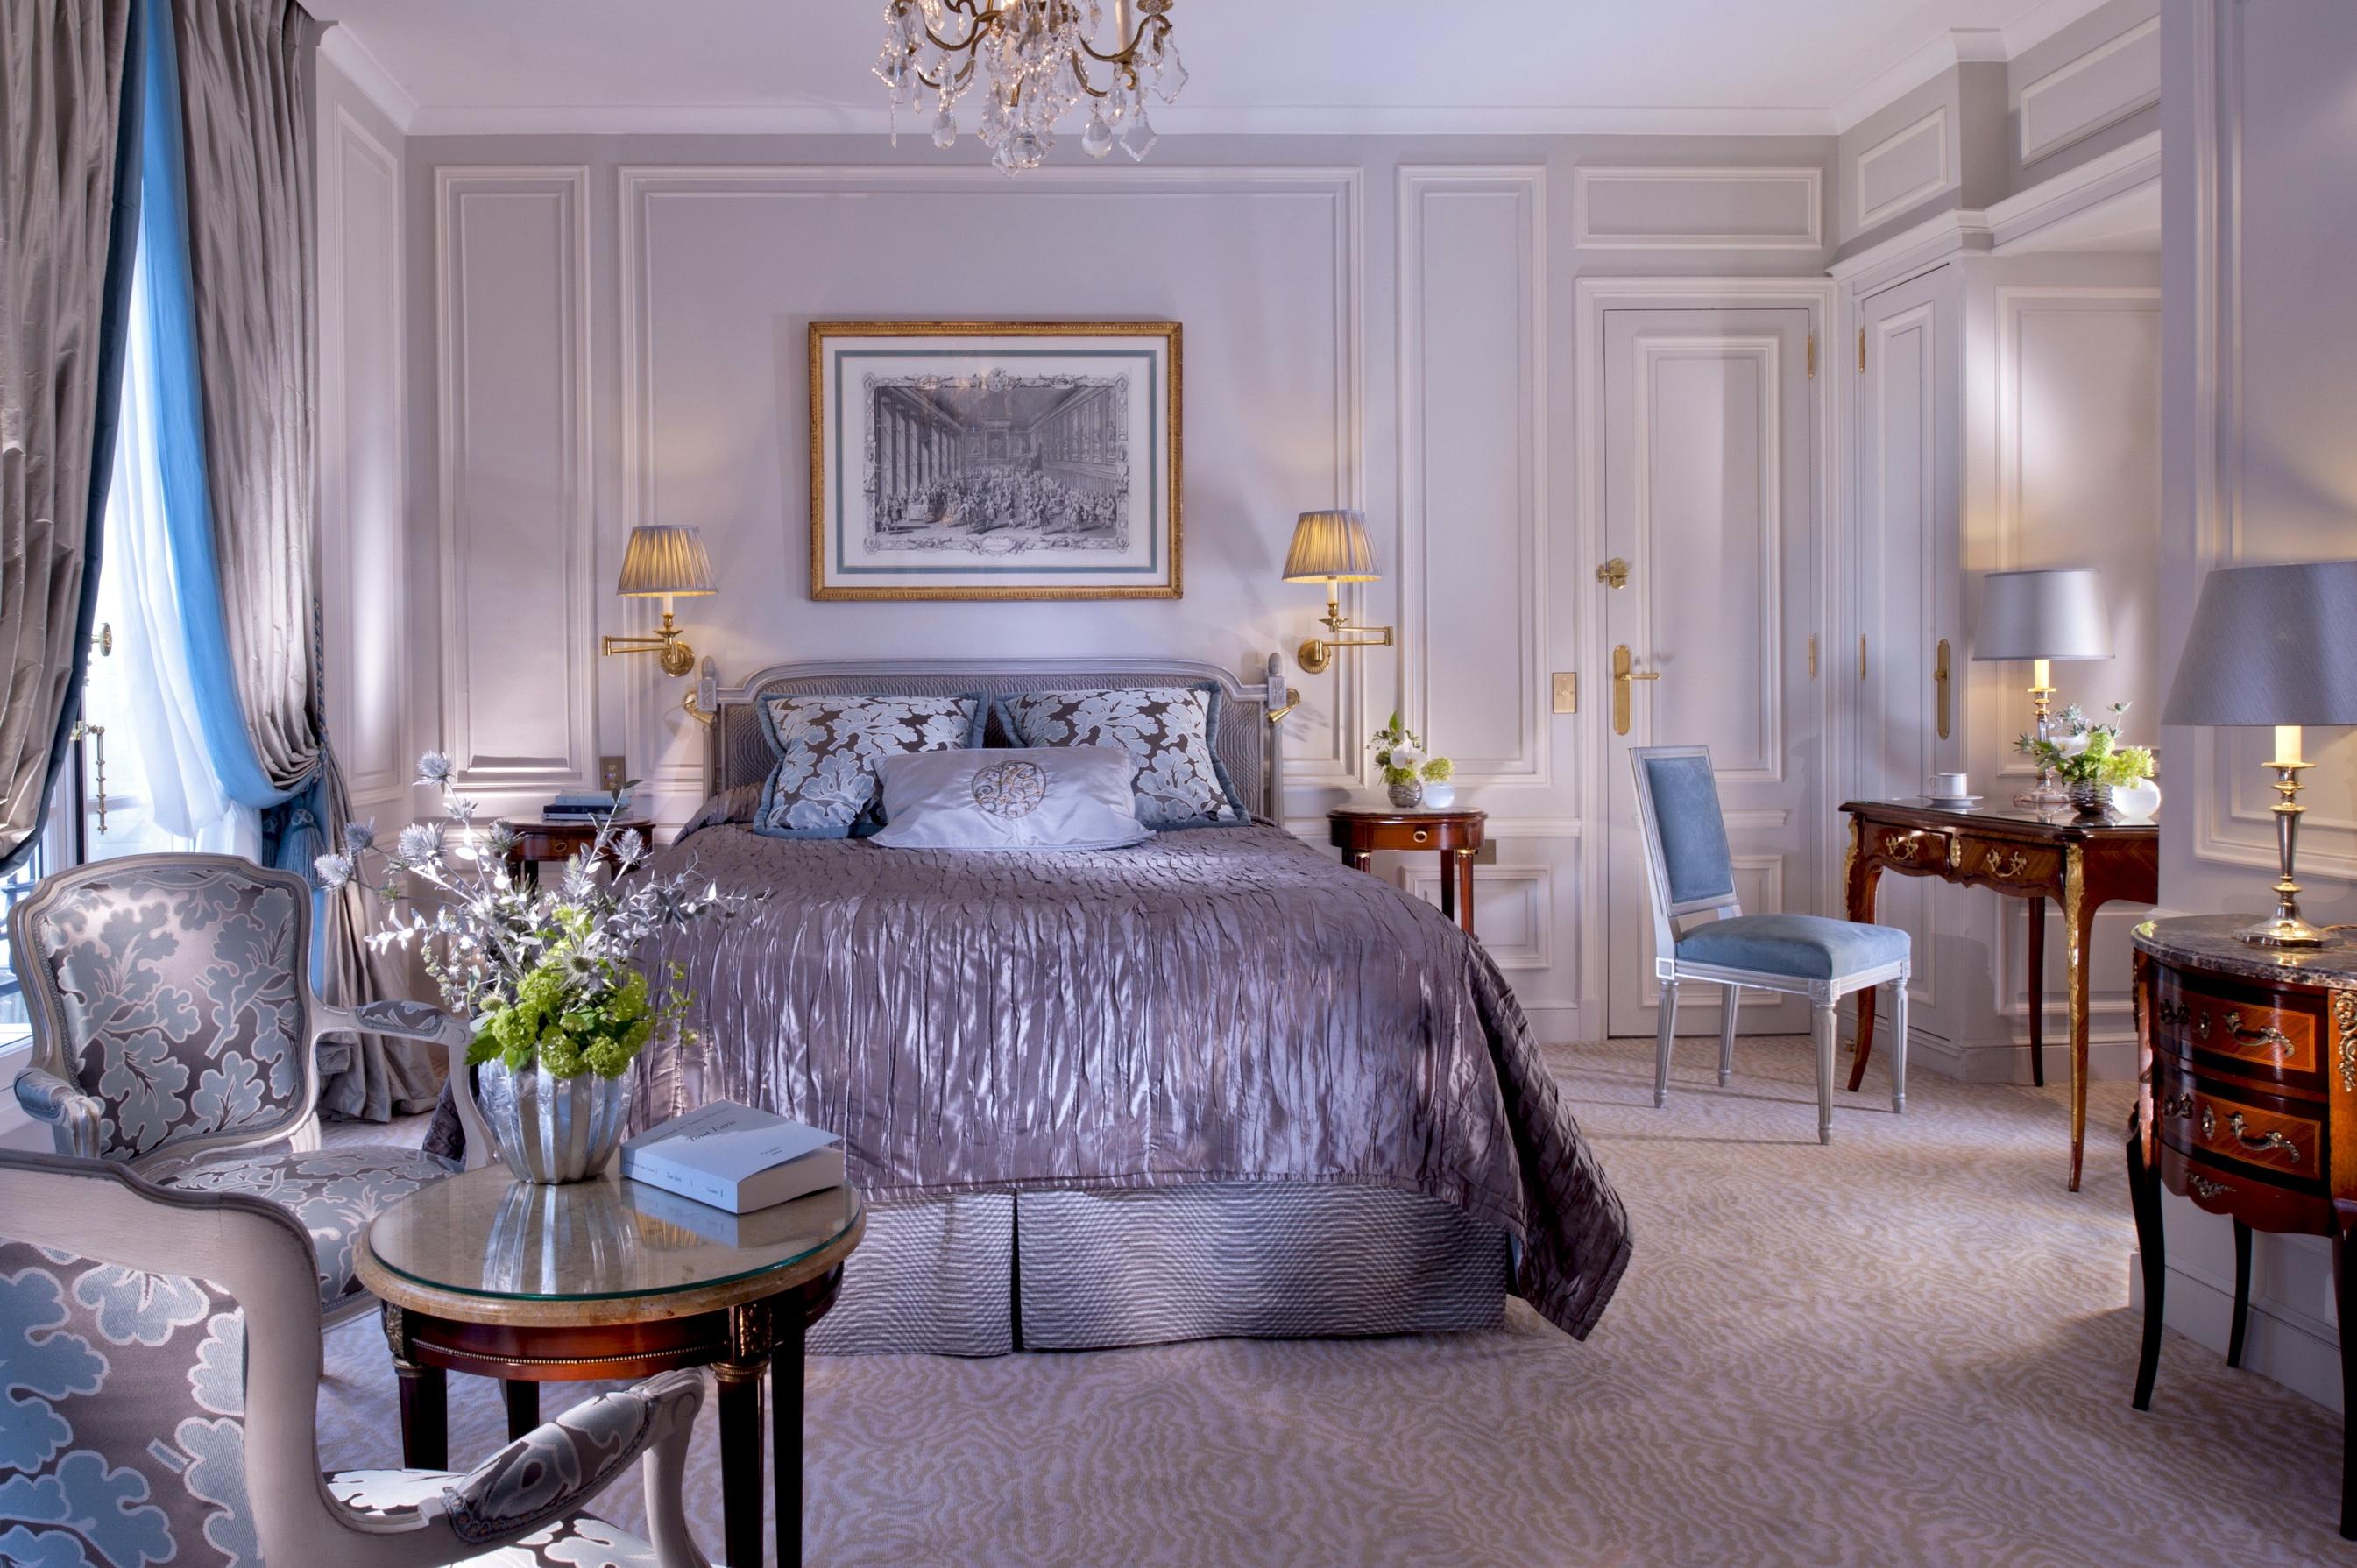 Fondos de pantalla dise o interior dormitorio cama for Diseno dormitorio